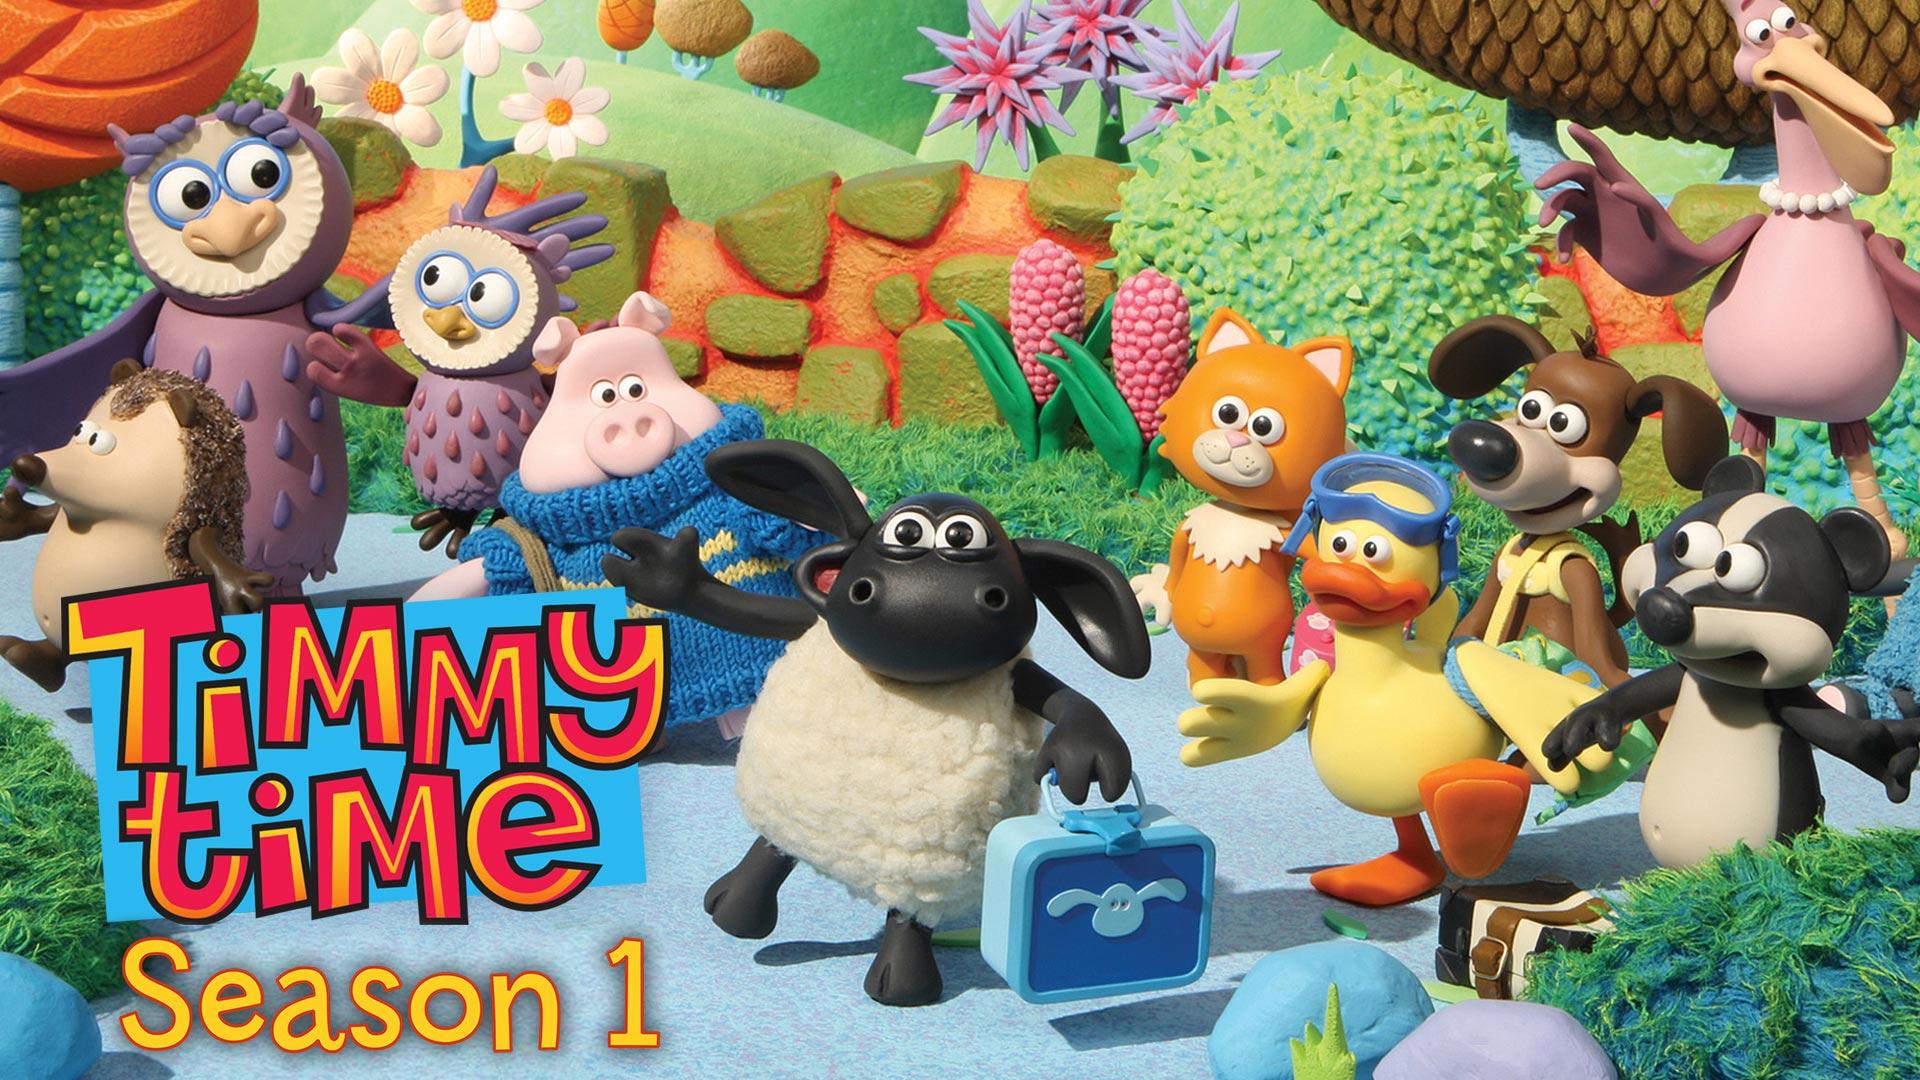 Timmy Time Season 1